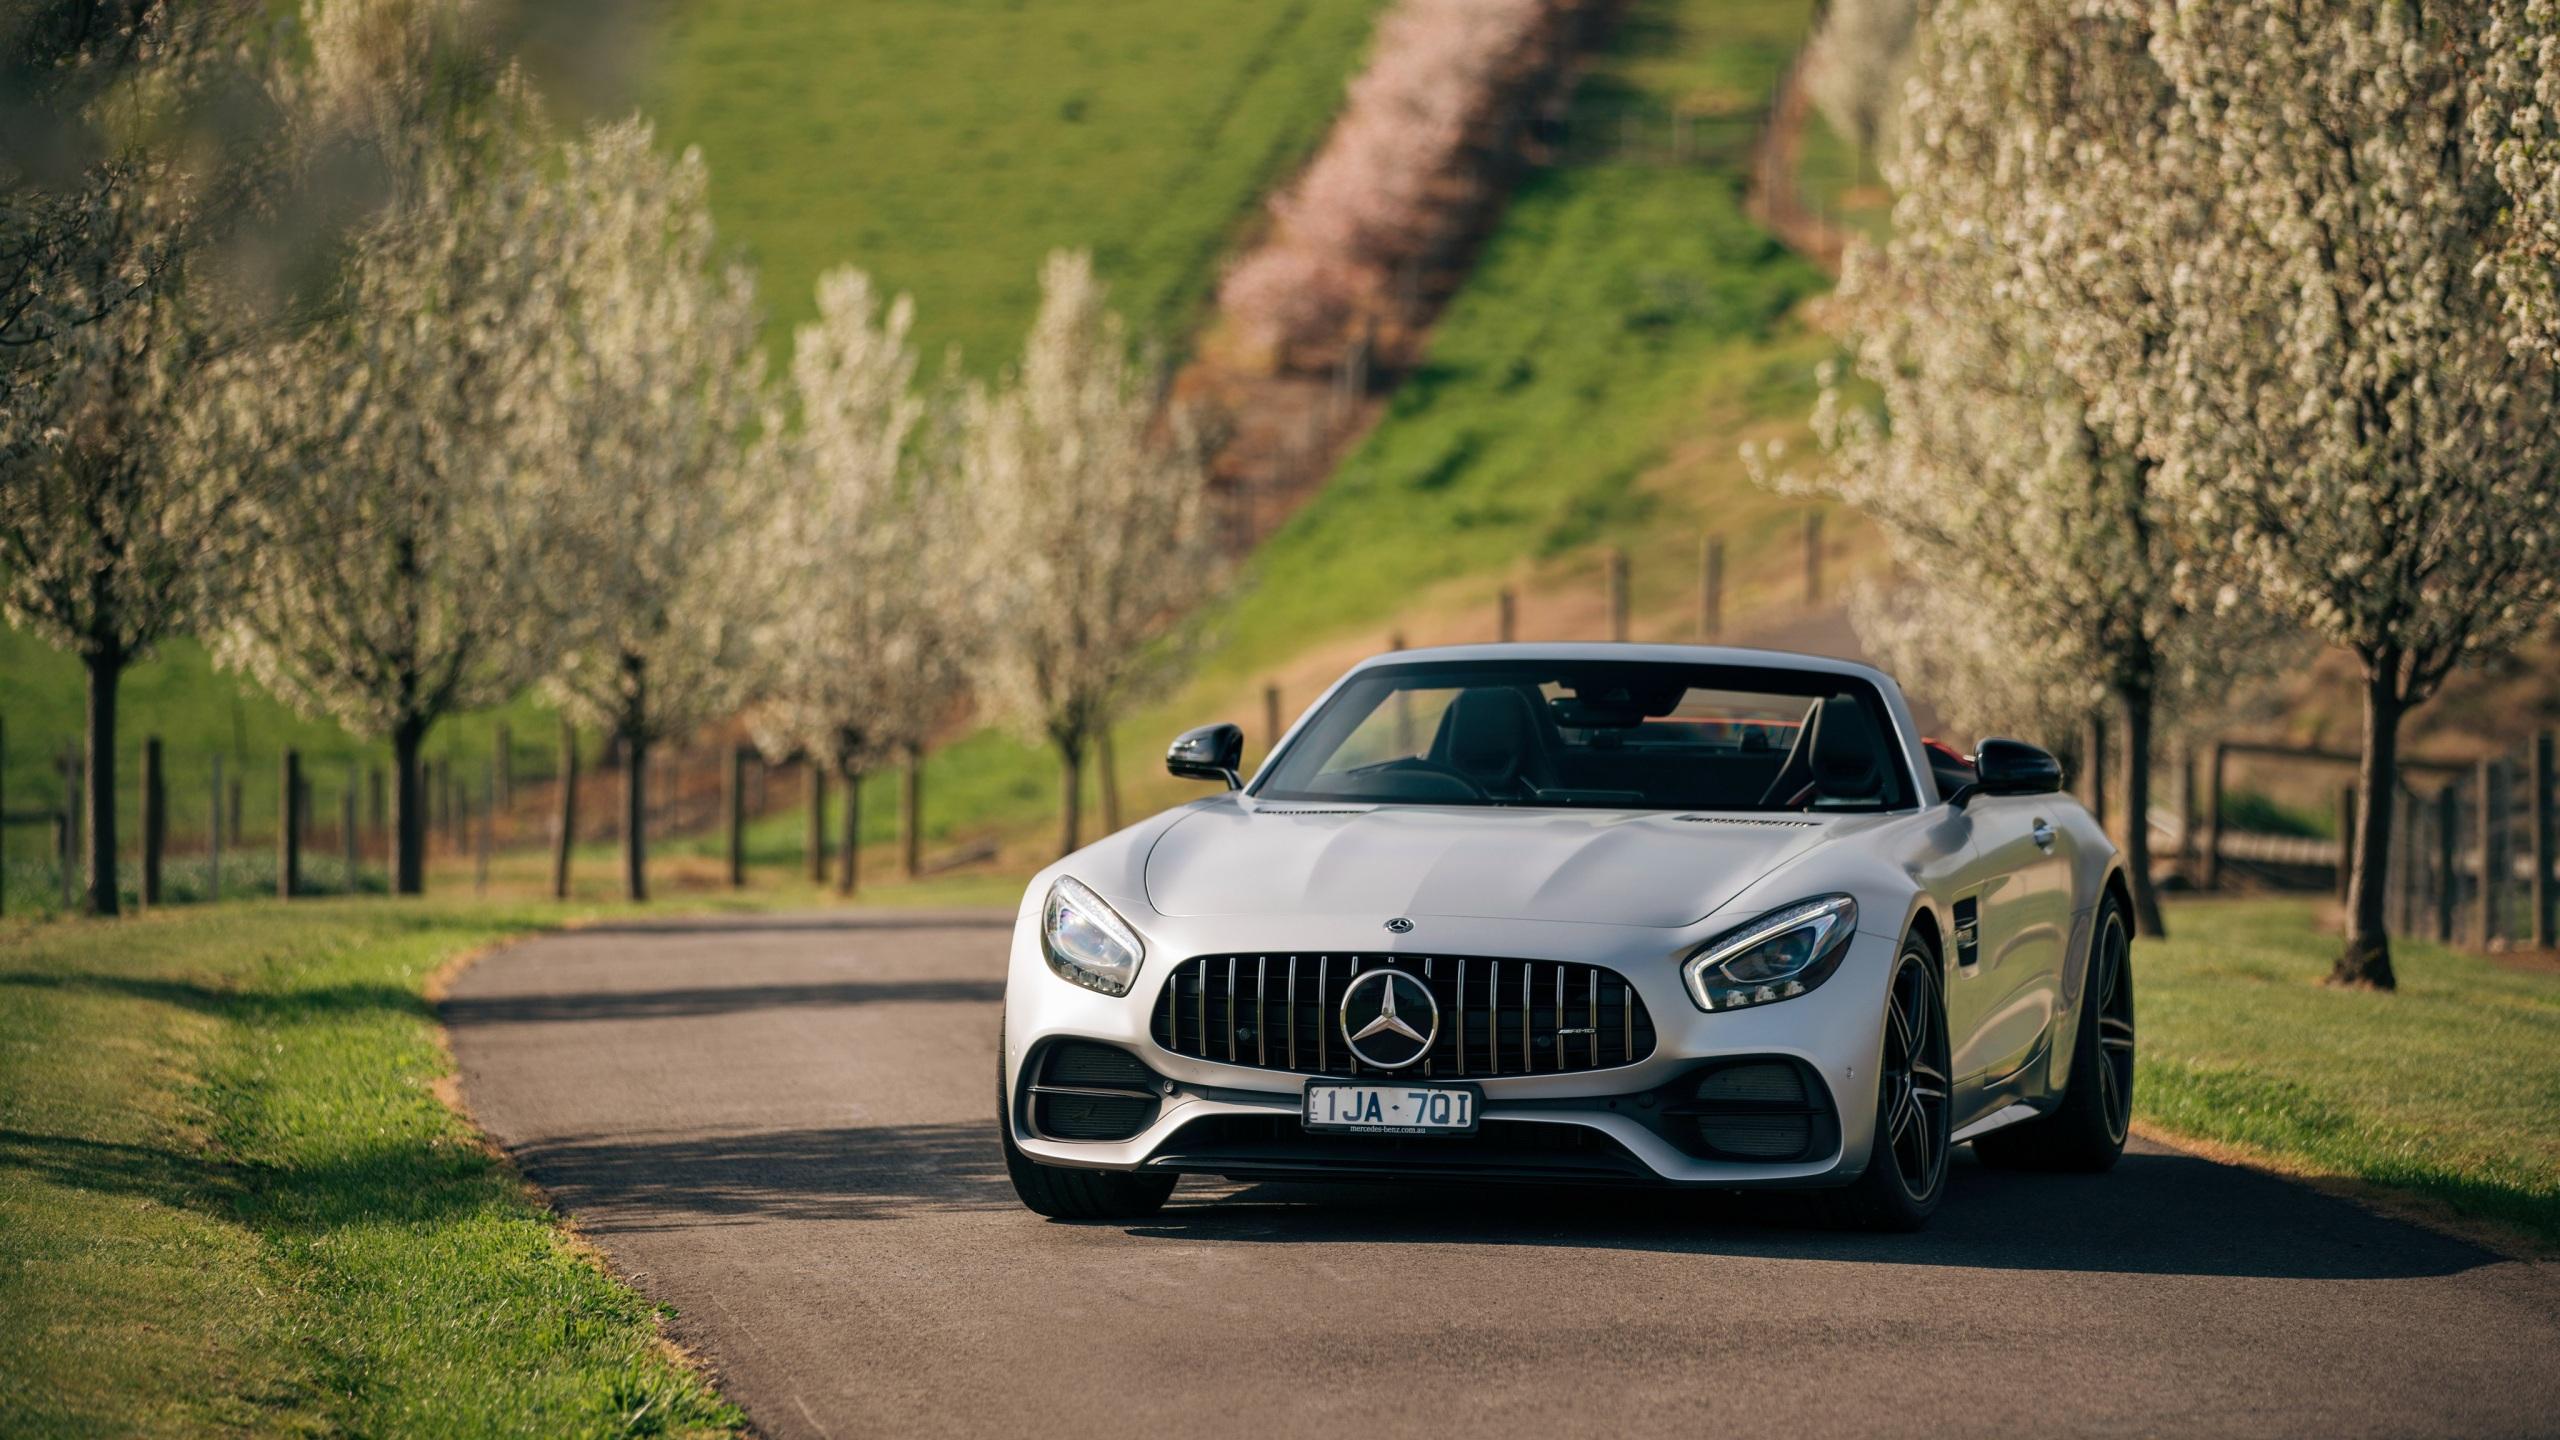 Картинки Mercedes-Benz AMG 2018 GT C Родстер машины Спереди 2560x1440 Мерседес бенц авто машина автомобиль Автомобили